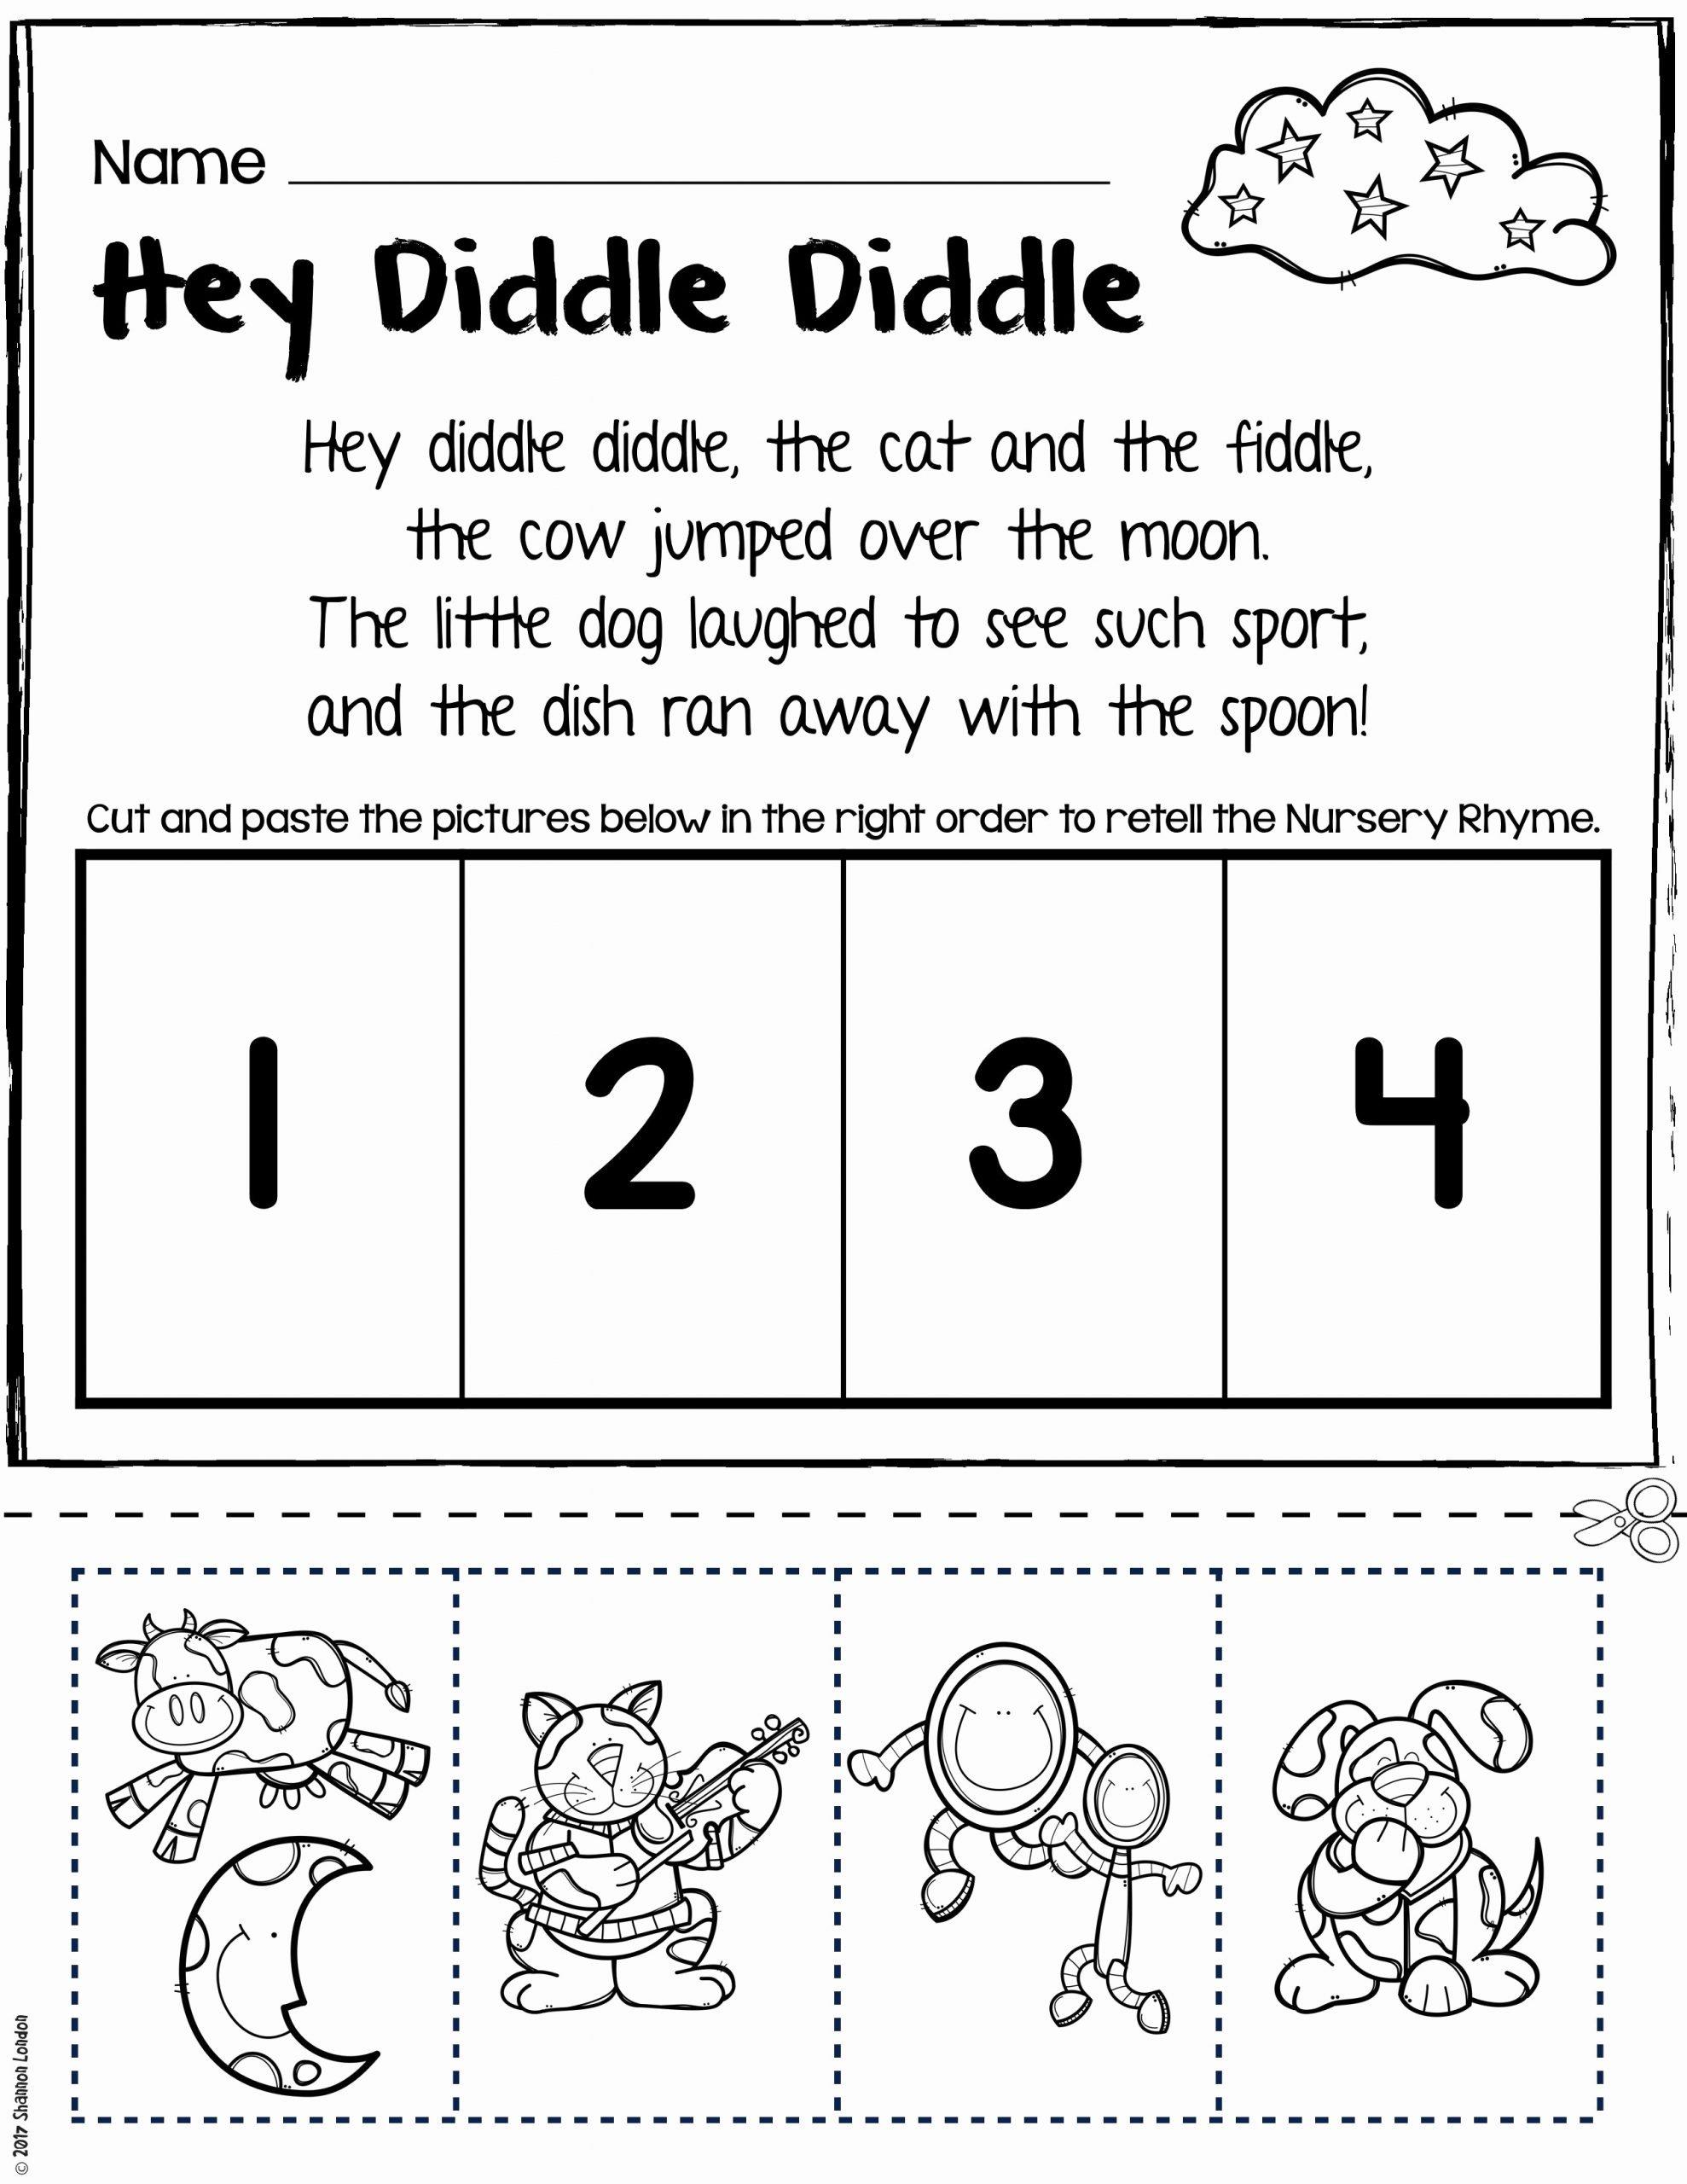 Nursery Rhymes Worksheets for Preschoolers Best Of Nursery Rhymes Worksheets for Story Retelling Practice